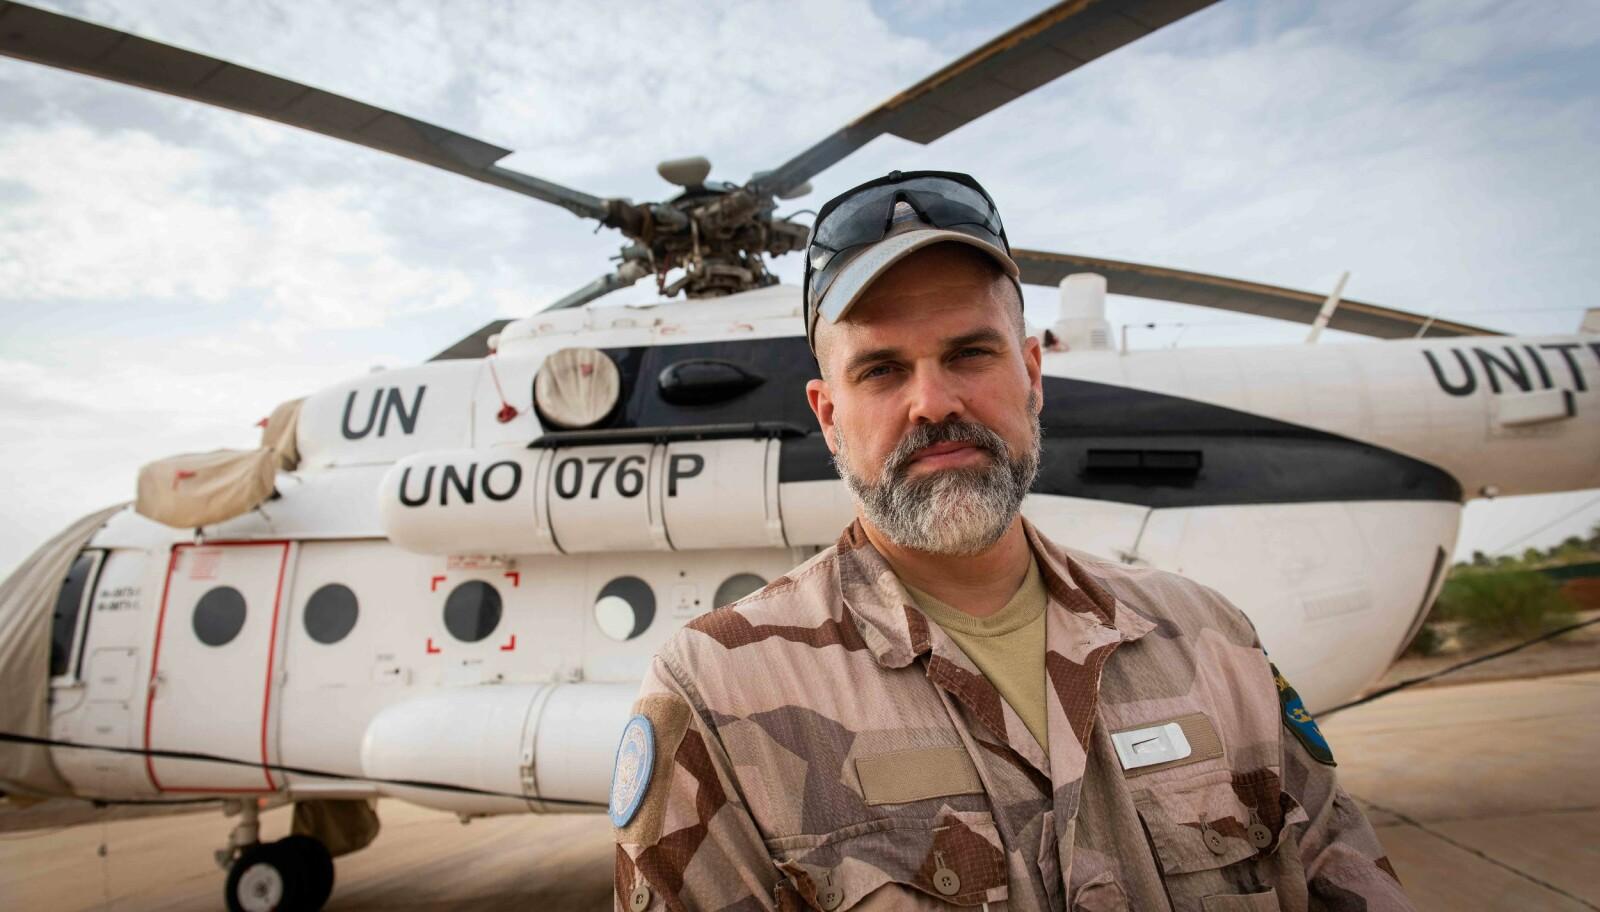 Flyoperasjonsoffiser Jesper i det svenske detasjementet har kjent konflikten i Mali tett på kroppen.